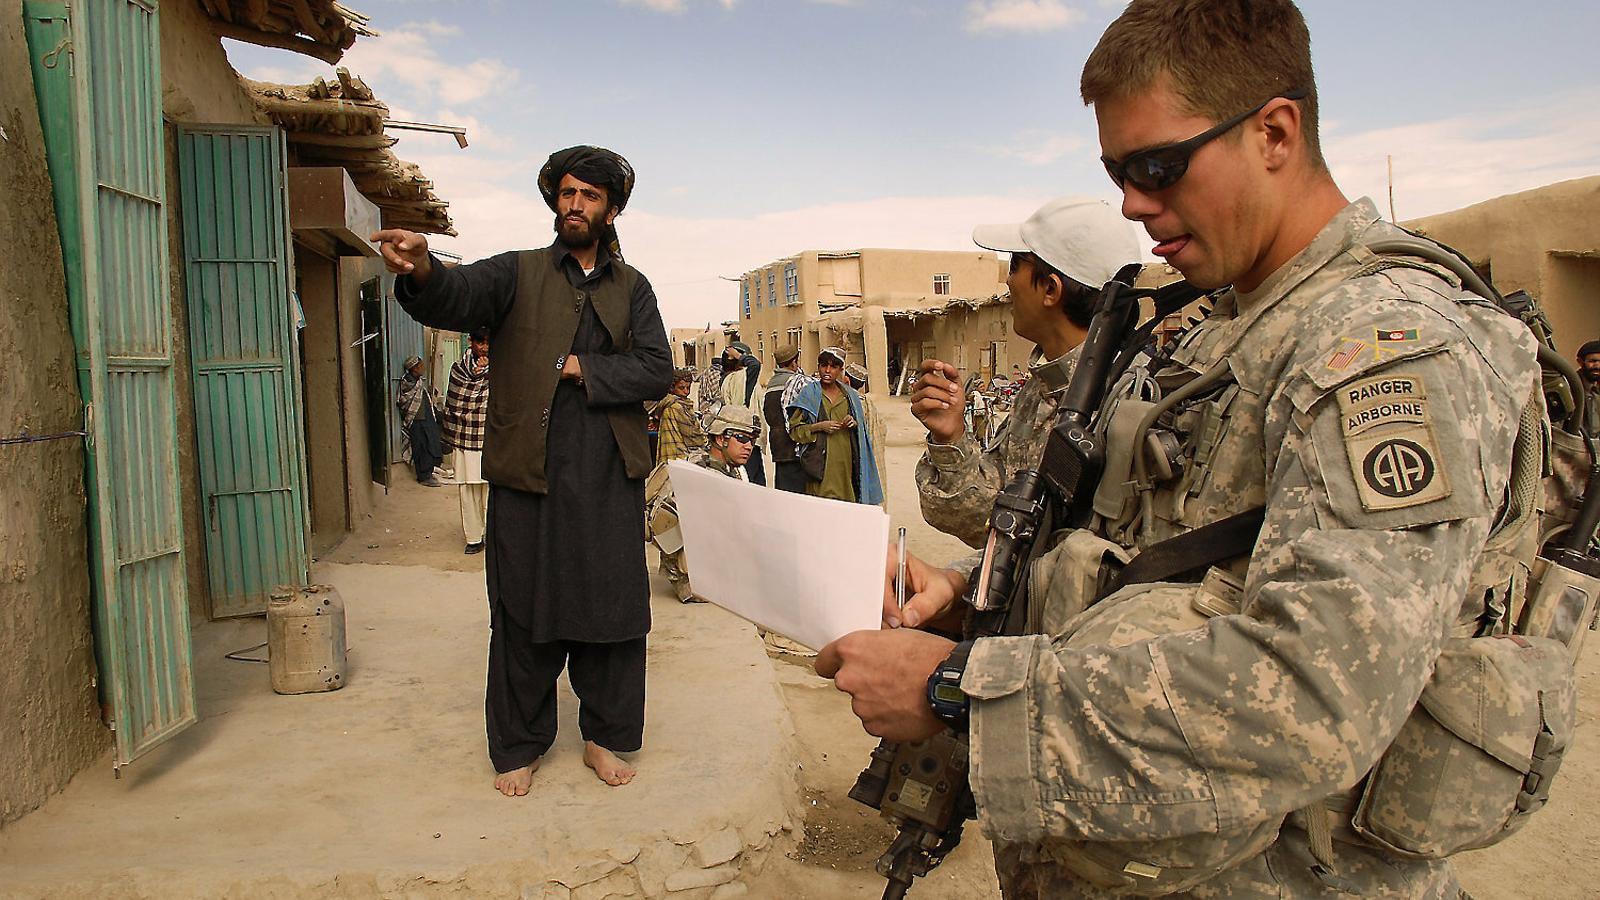 Compte enrere per a un acord entre els talibans i els Estats Units